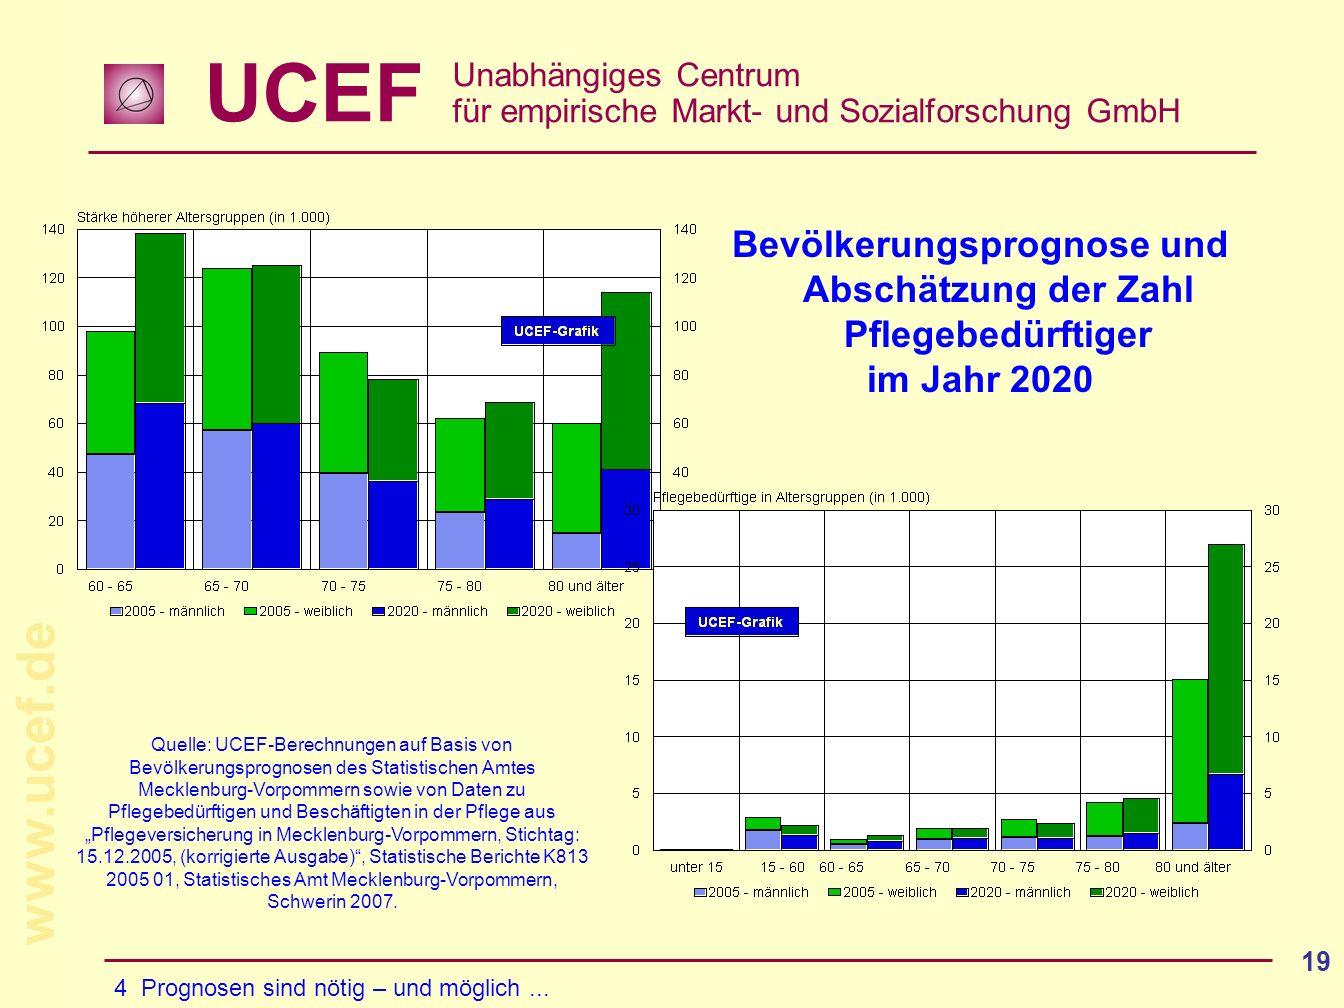 UCEF Unabhängiges Centrum für empirische Markt- und Sozialforschung GmbH www.ucef.de 19 Bevölkerungsprognose und Abschätzung der Zahl Pflegebedürftiger im Jahr 2020 4 Prognosen sind nötig – und möglich...